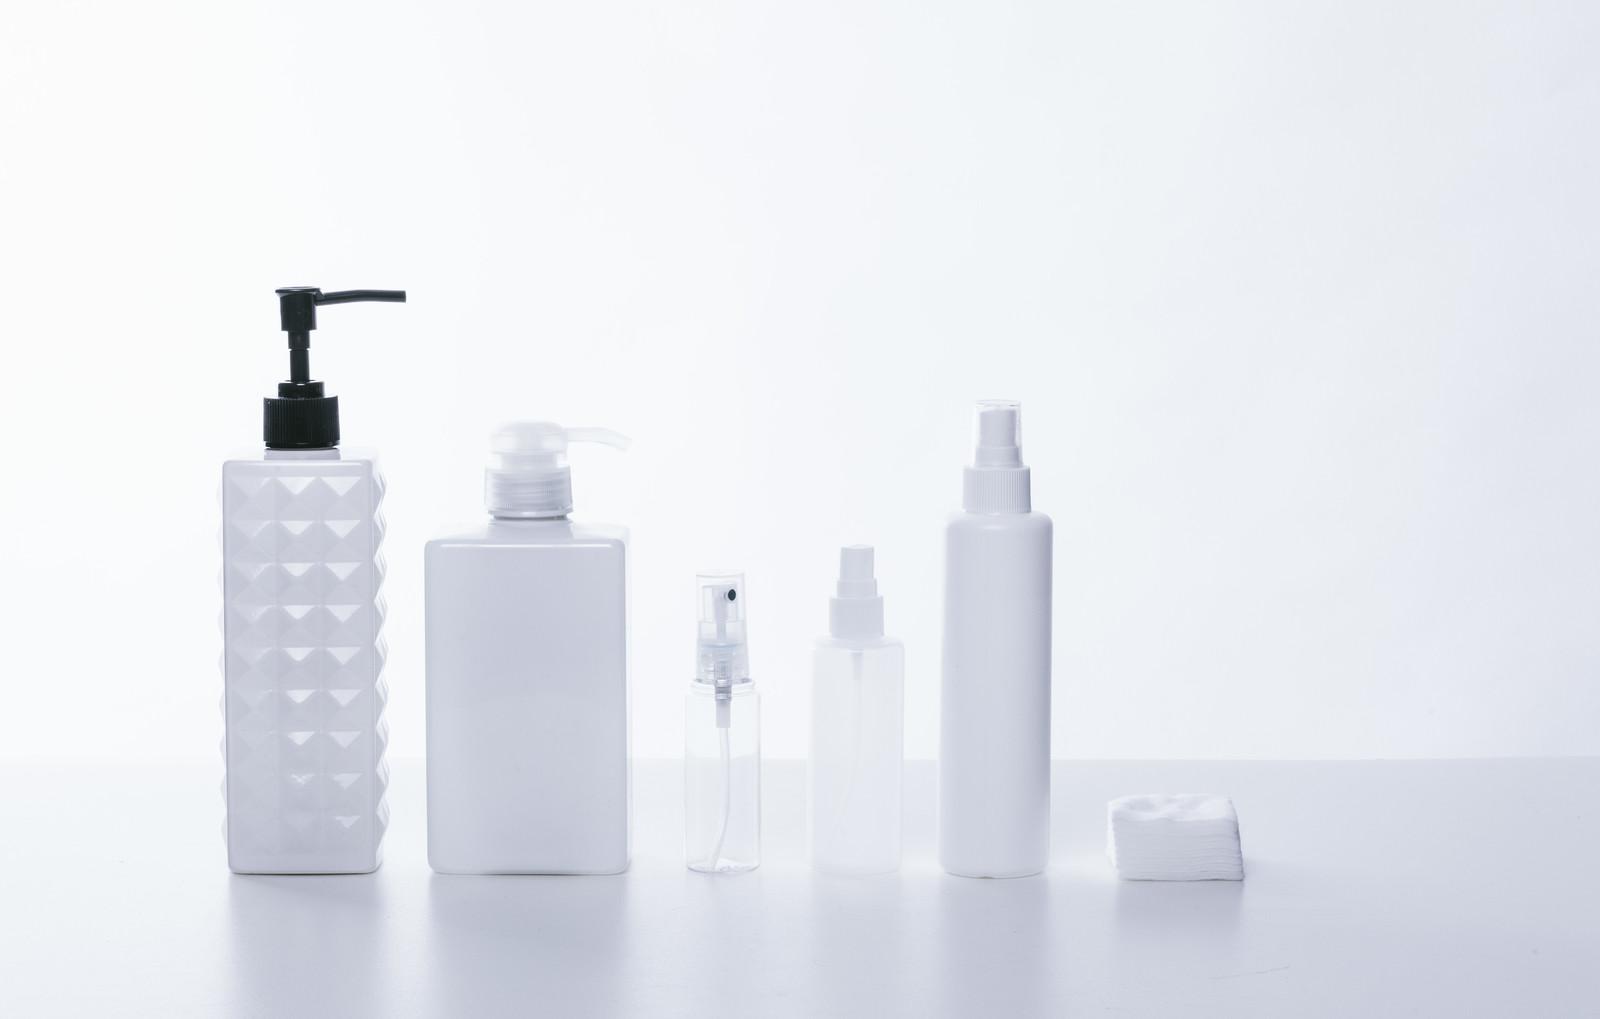 【比較】コスパの高いおすすめのメンズ化粧水3選【バルクオム・オルビスミスター・無印良品】